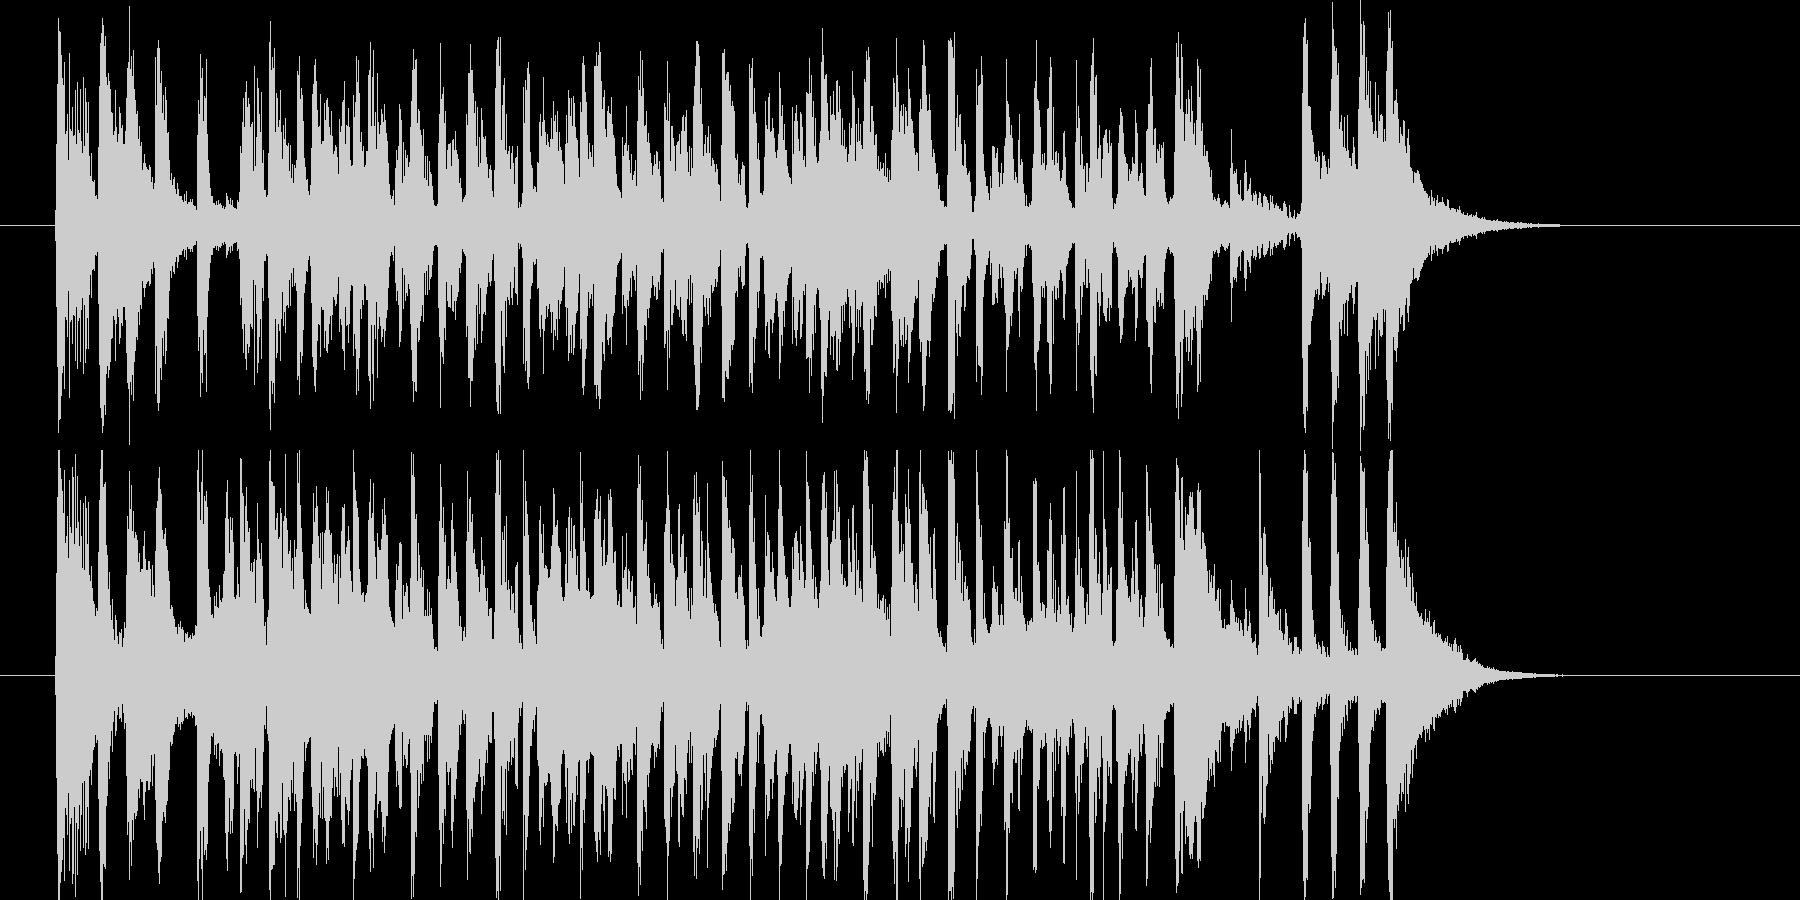 リズミカルでラテン系トランペットジングルの未再生の波形